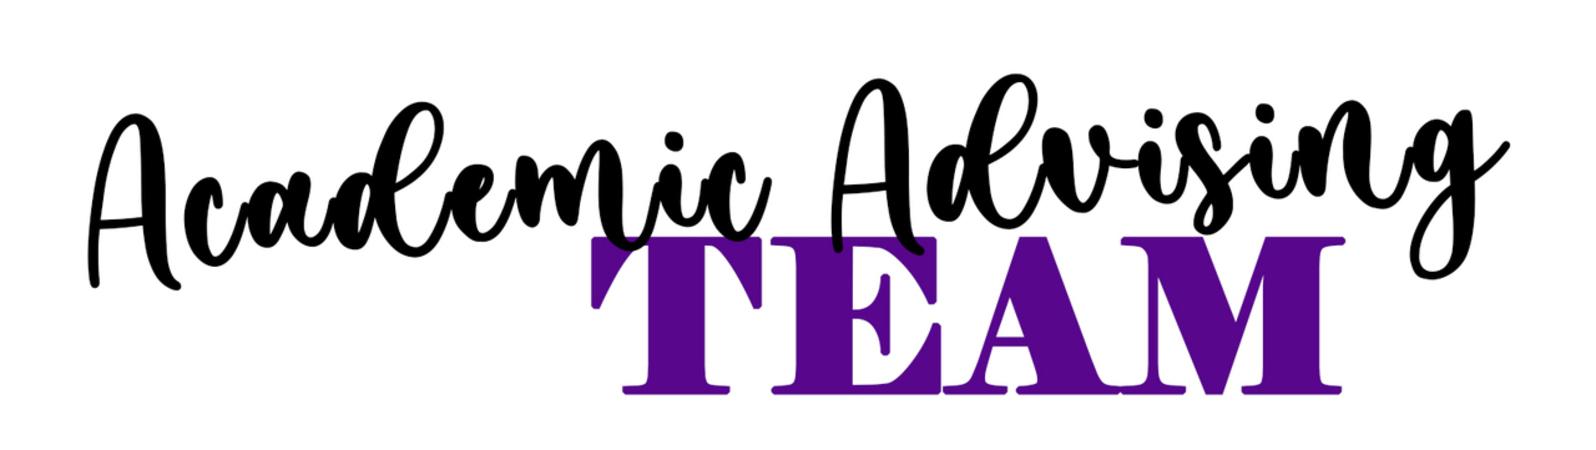 Academic Advising Team